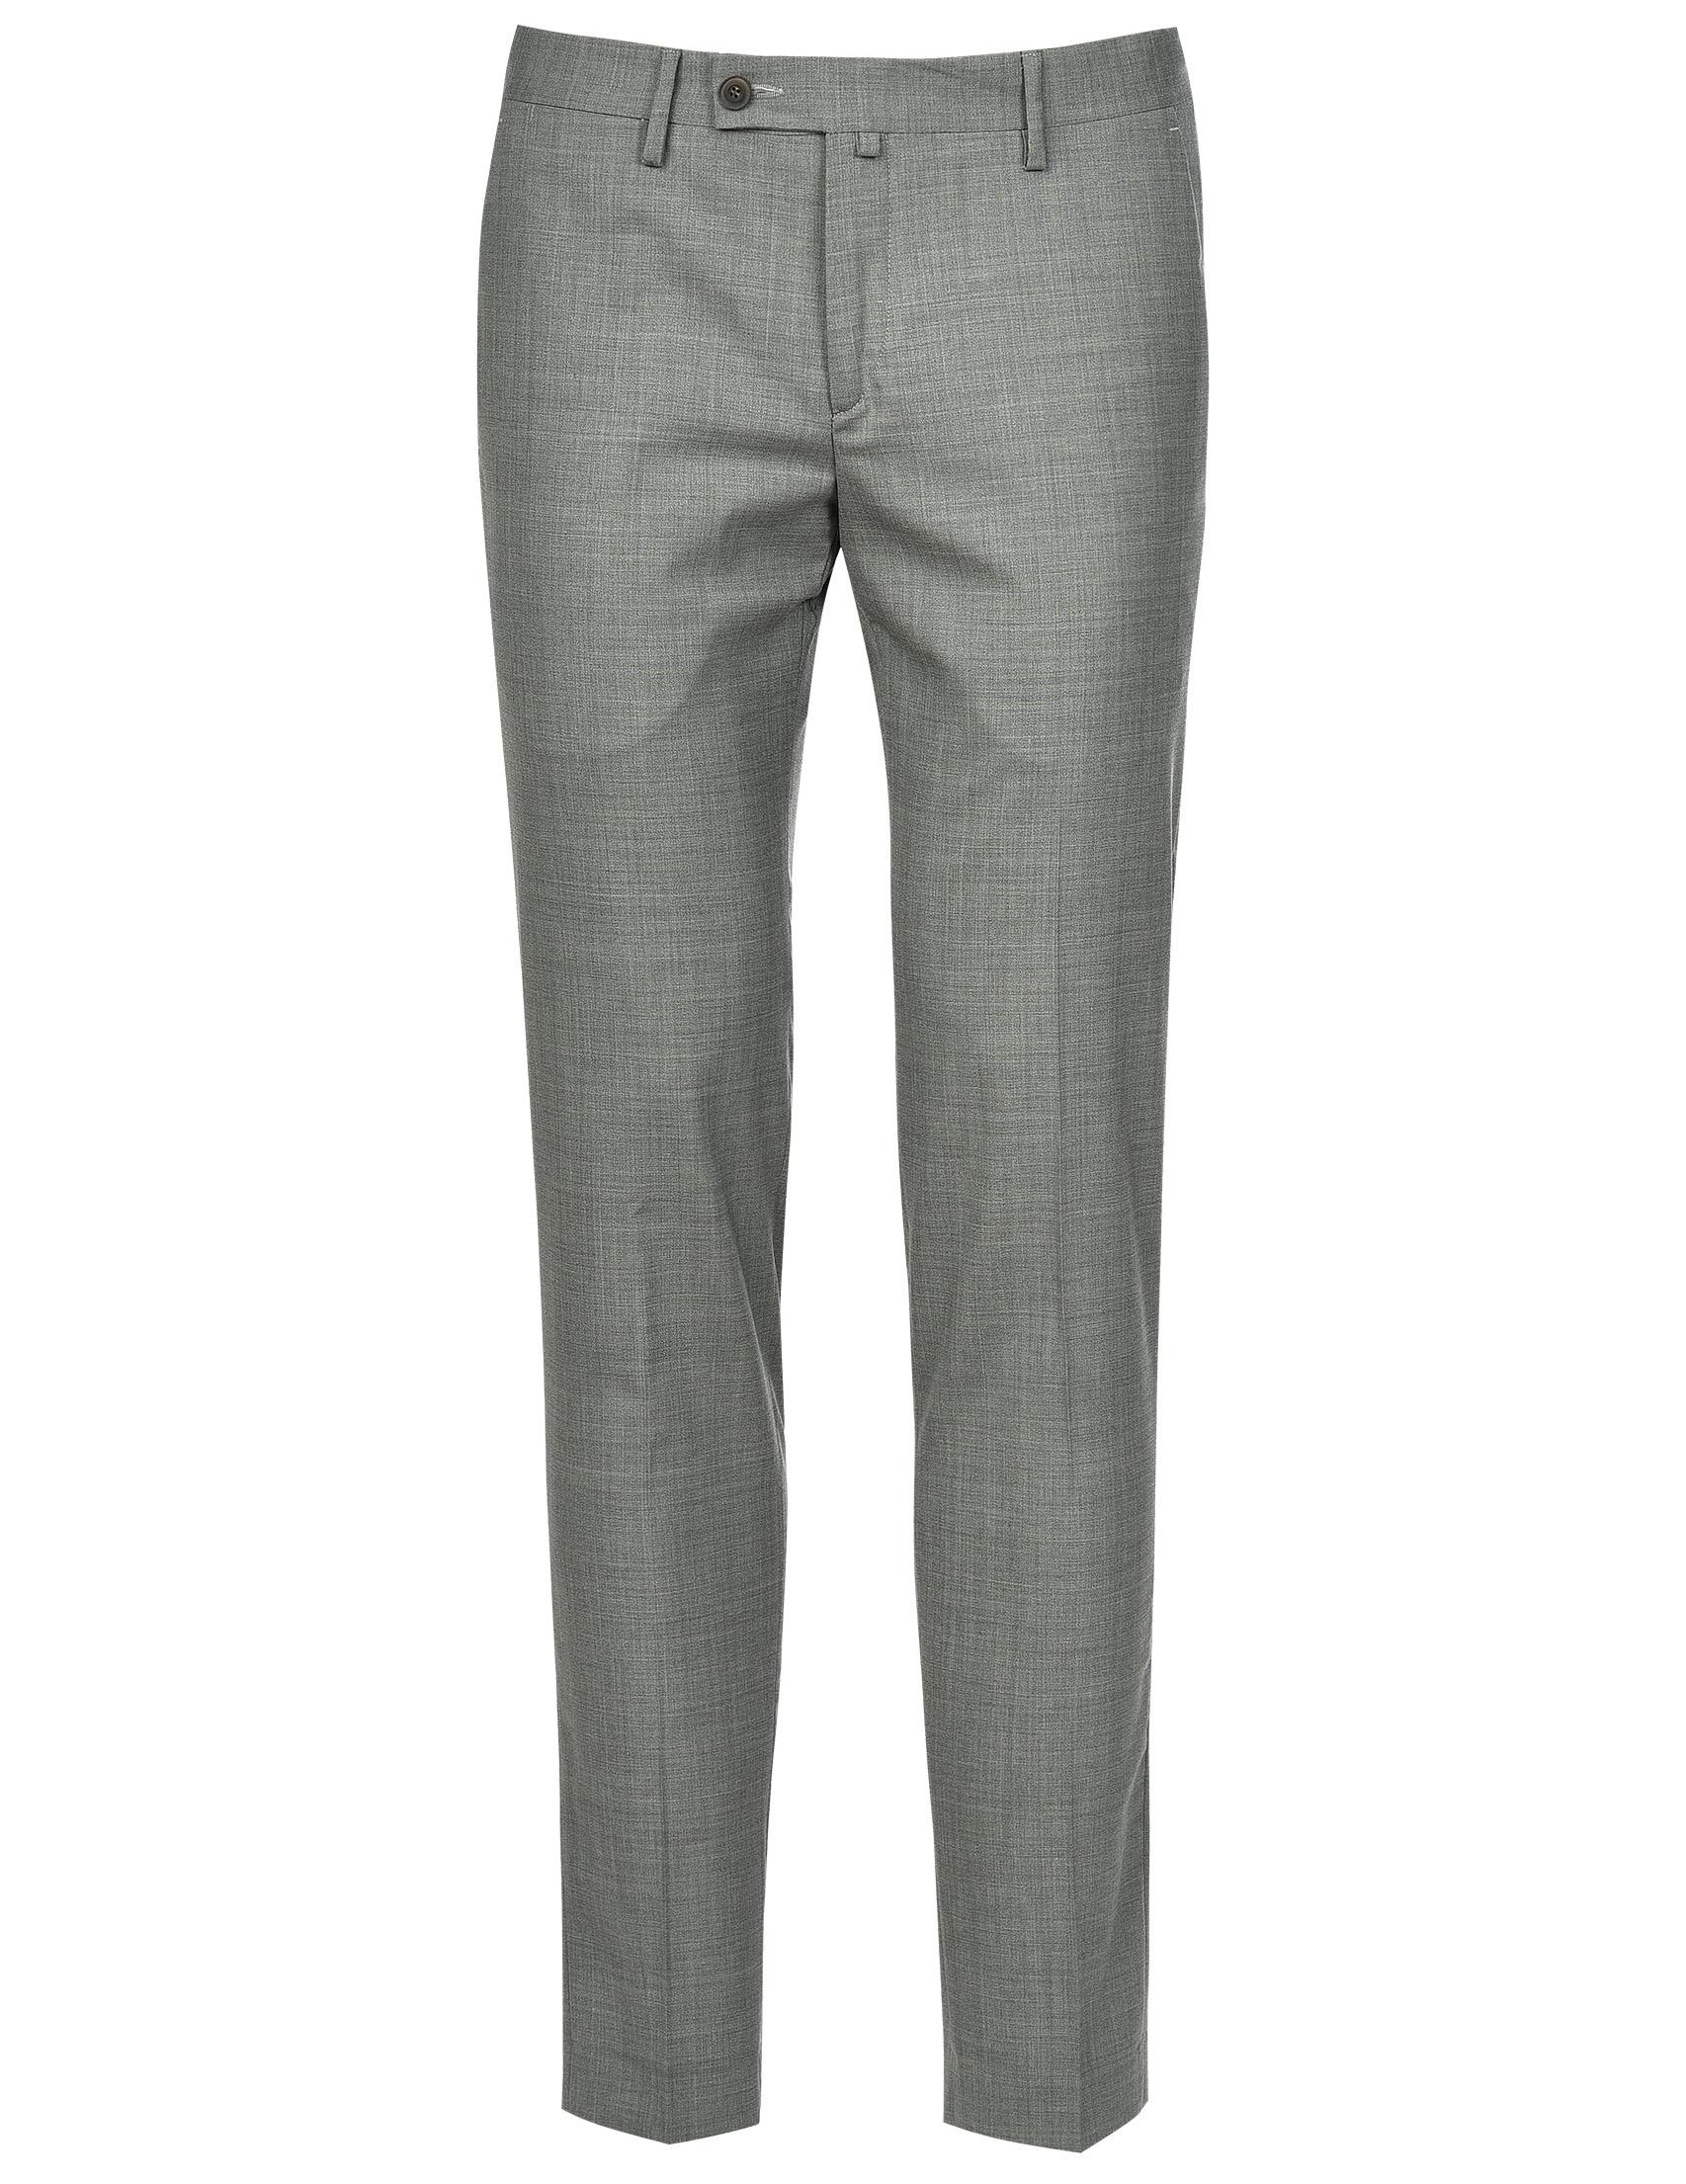 Мужские брюки MICHAEL COAL 50140_gray